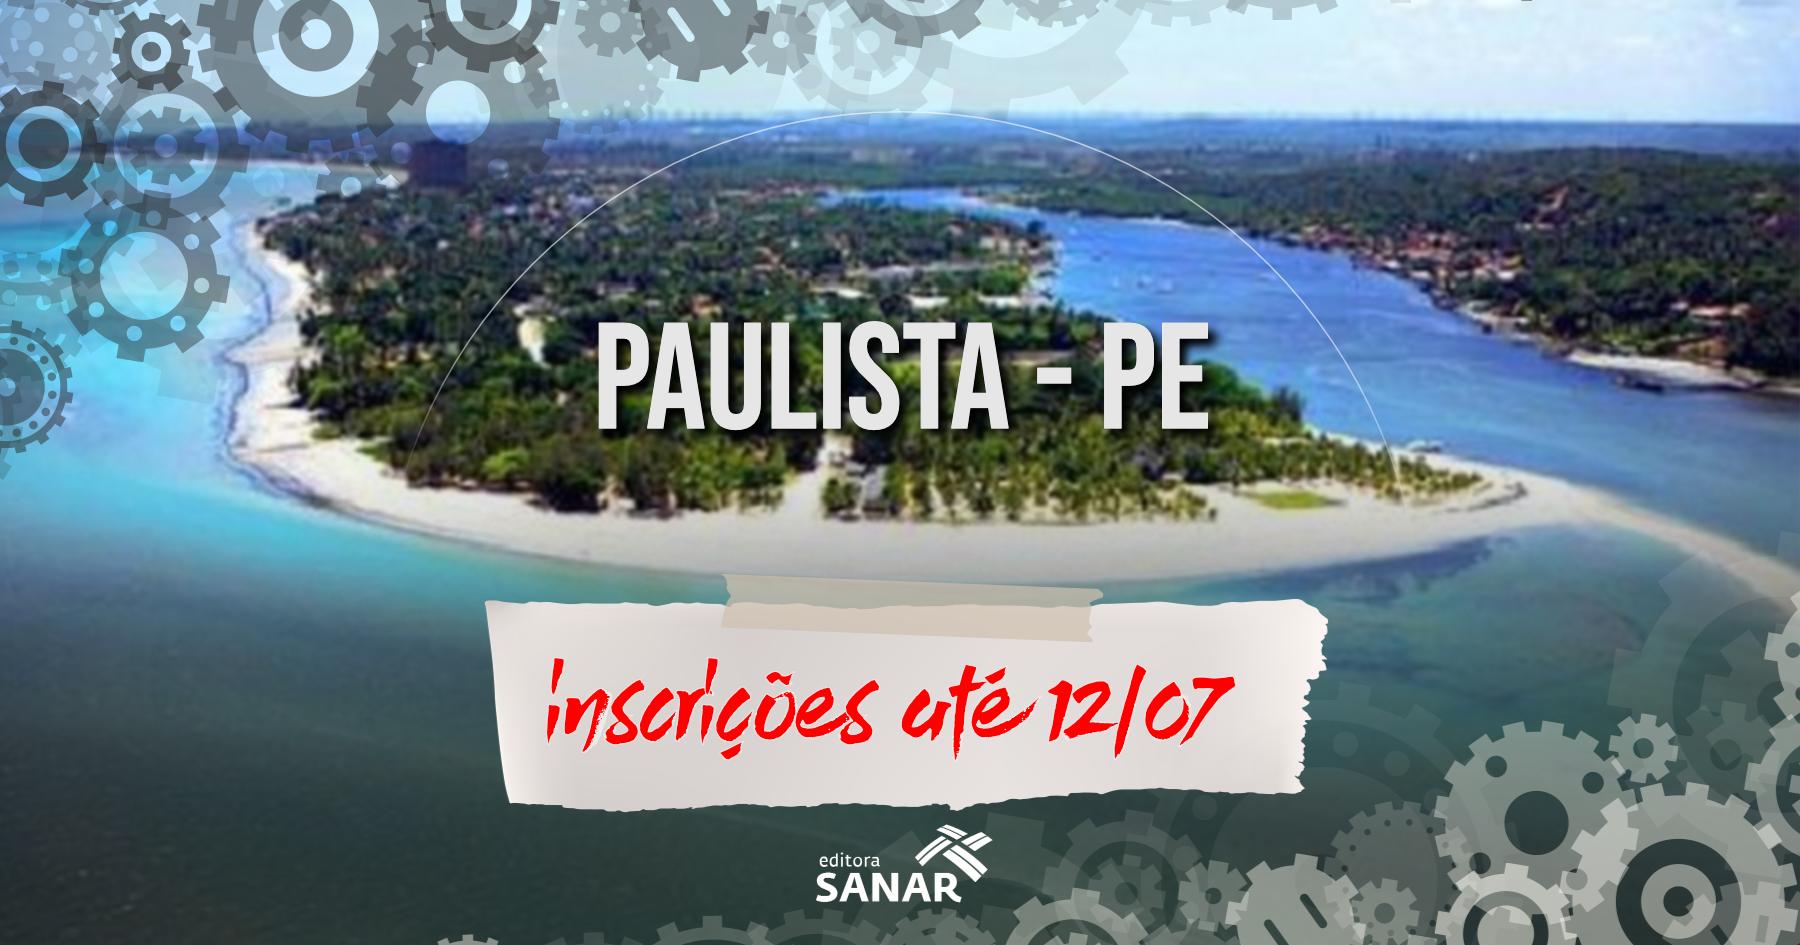 Concurso: Paulista (PE) abre 200 vagas para profissionais de saúde